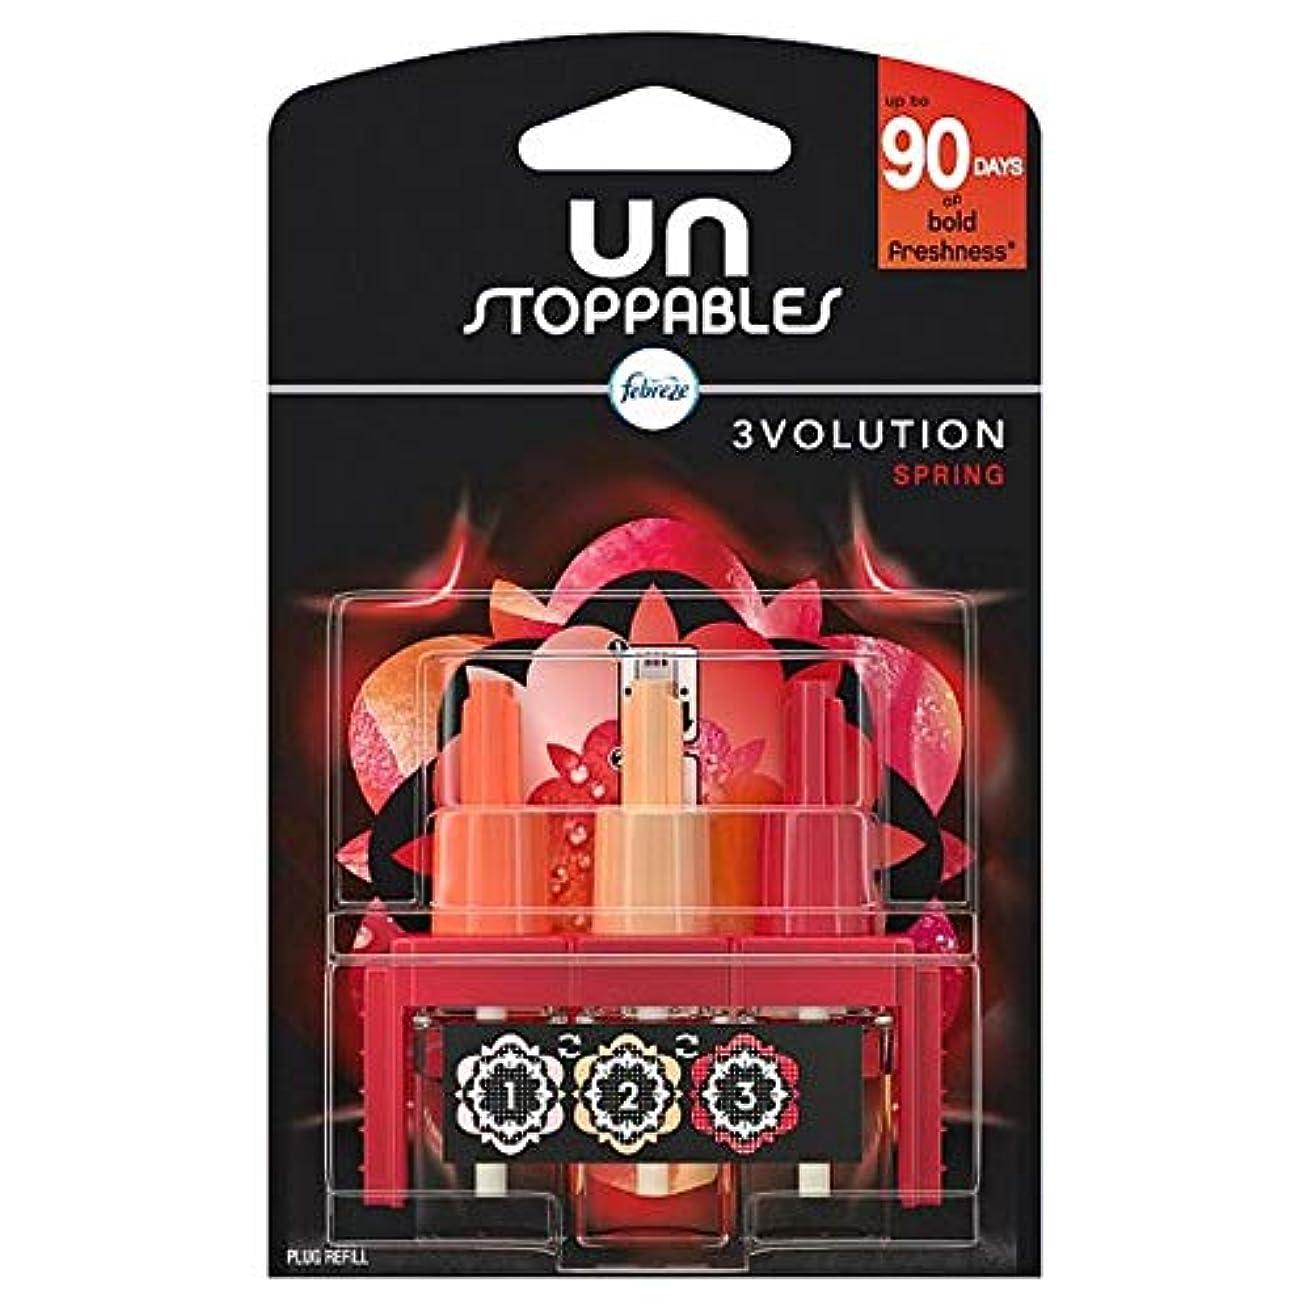 エチケット設計図ヤング[Febreze] リフィル20ミリリットルでUnstoppables 3Volutionスプリングプラグ - Unstoppables 3Volution Spring Plug In Refill 20Ml [並行輸入品]